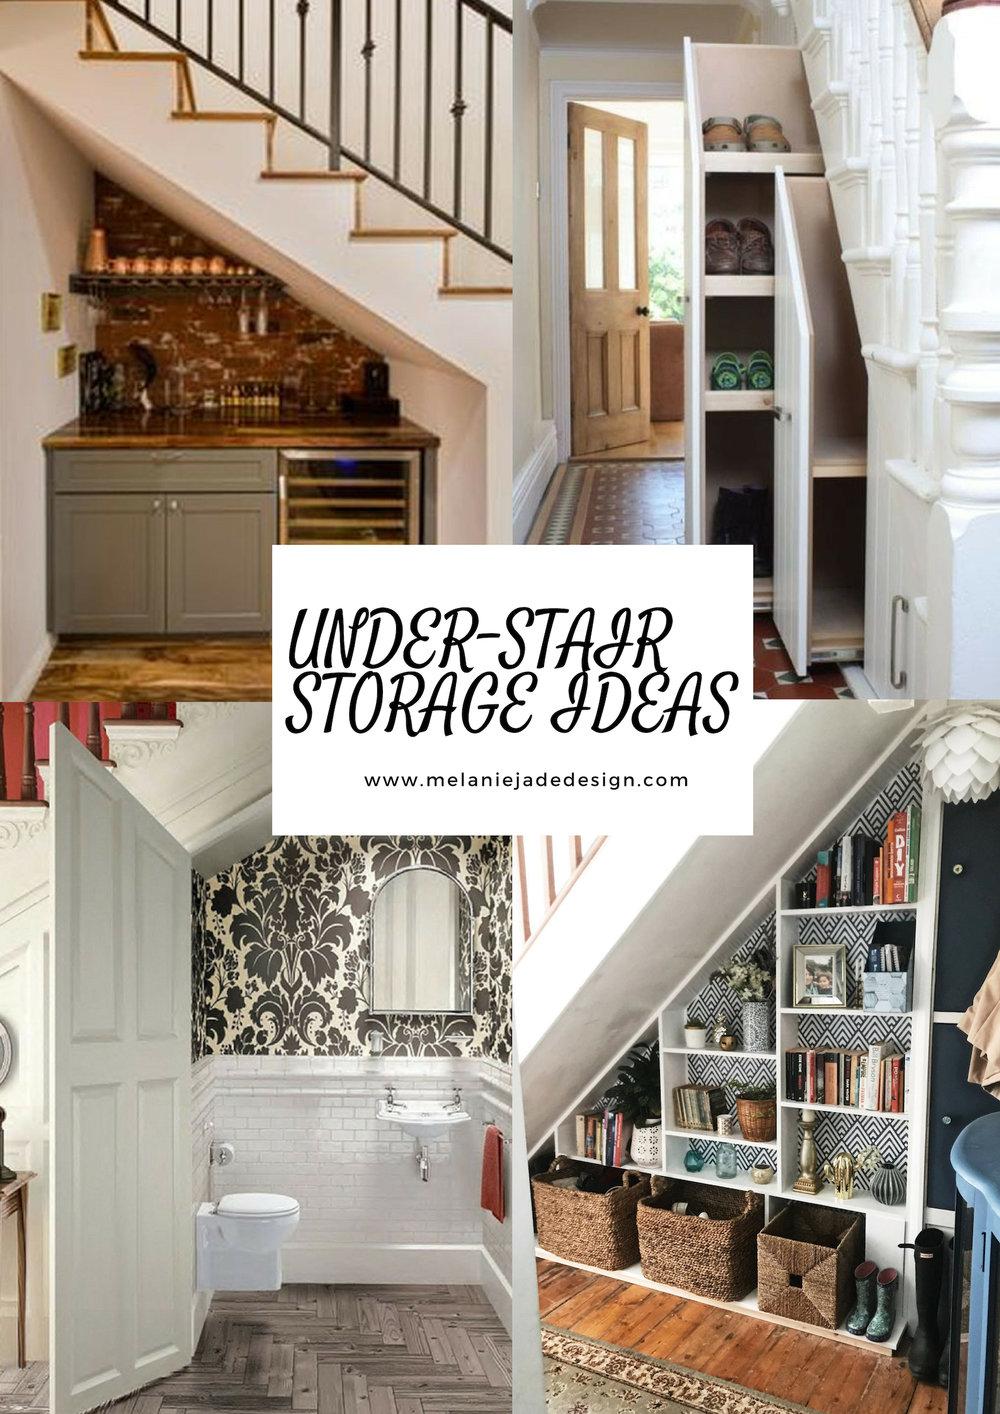 under-stair storage ideas.jpg